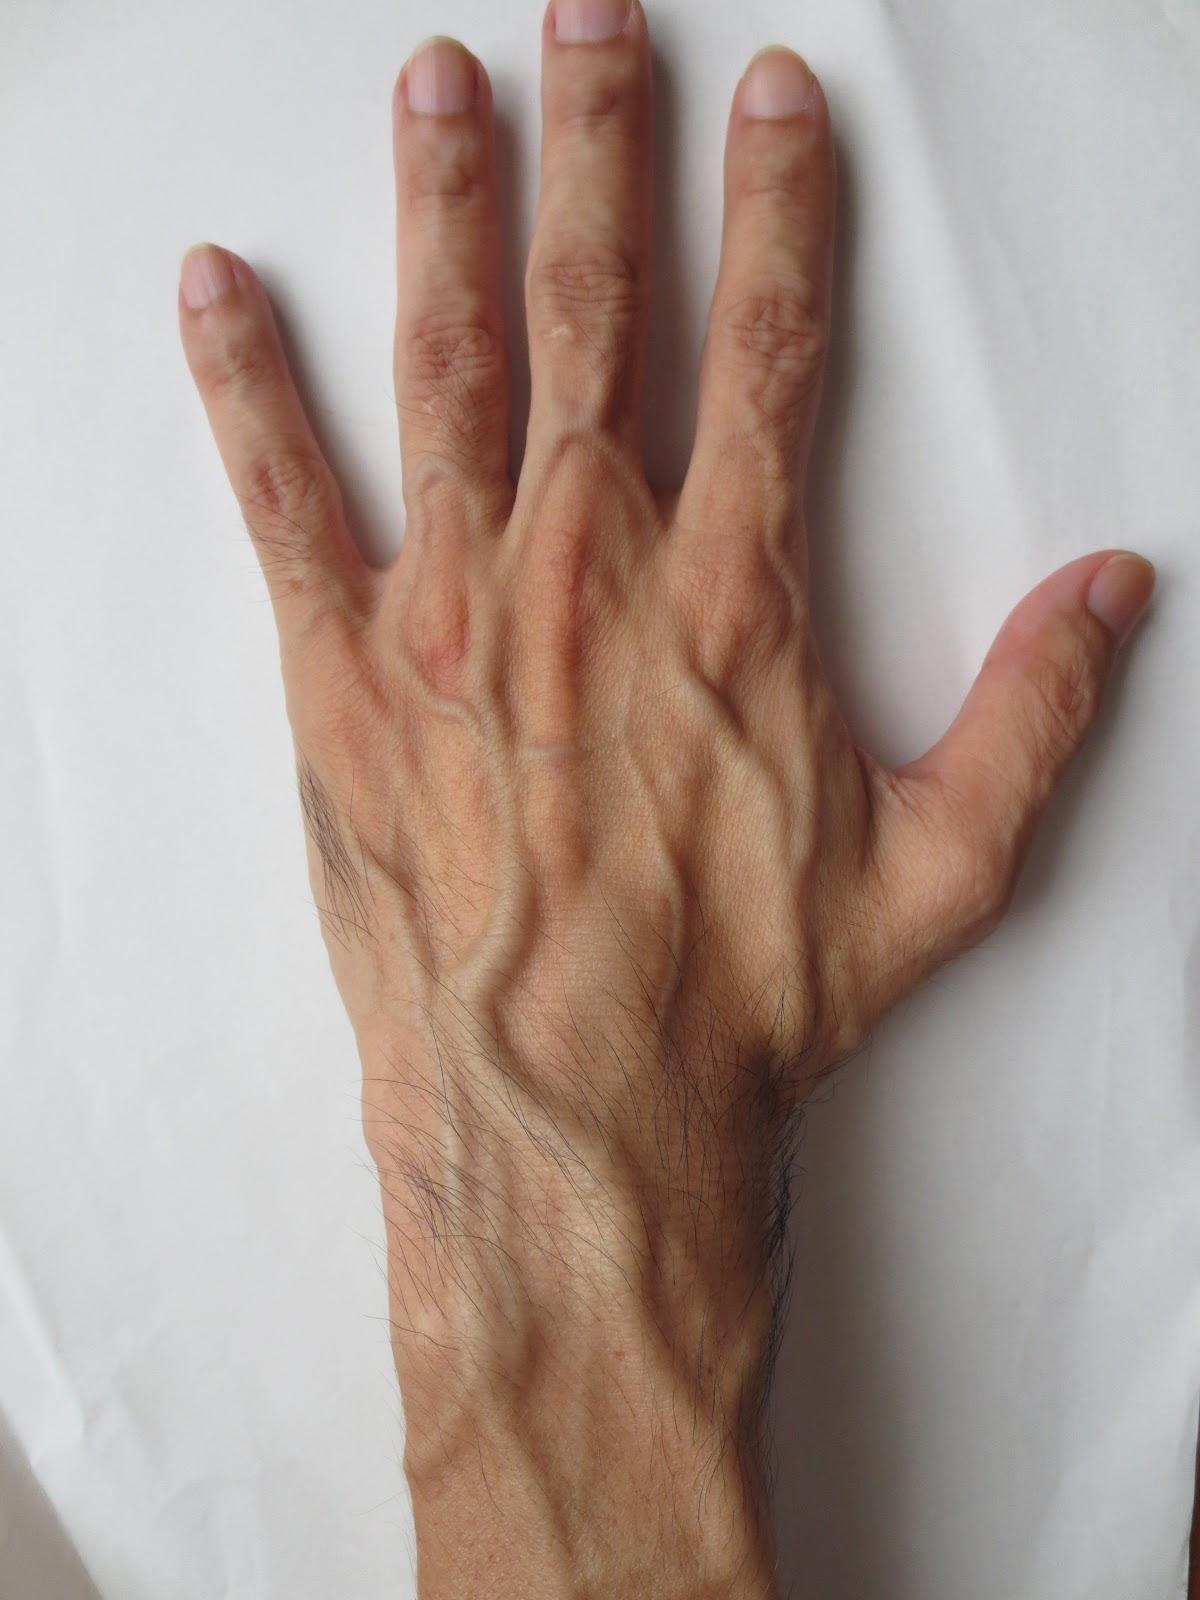 血管 浮き出る こうして に する 改善 は 手 腕